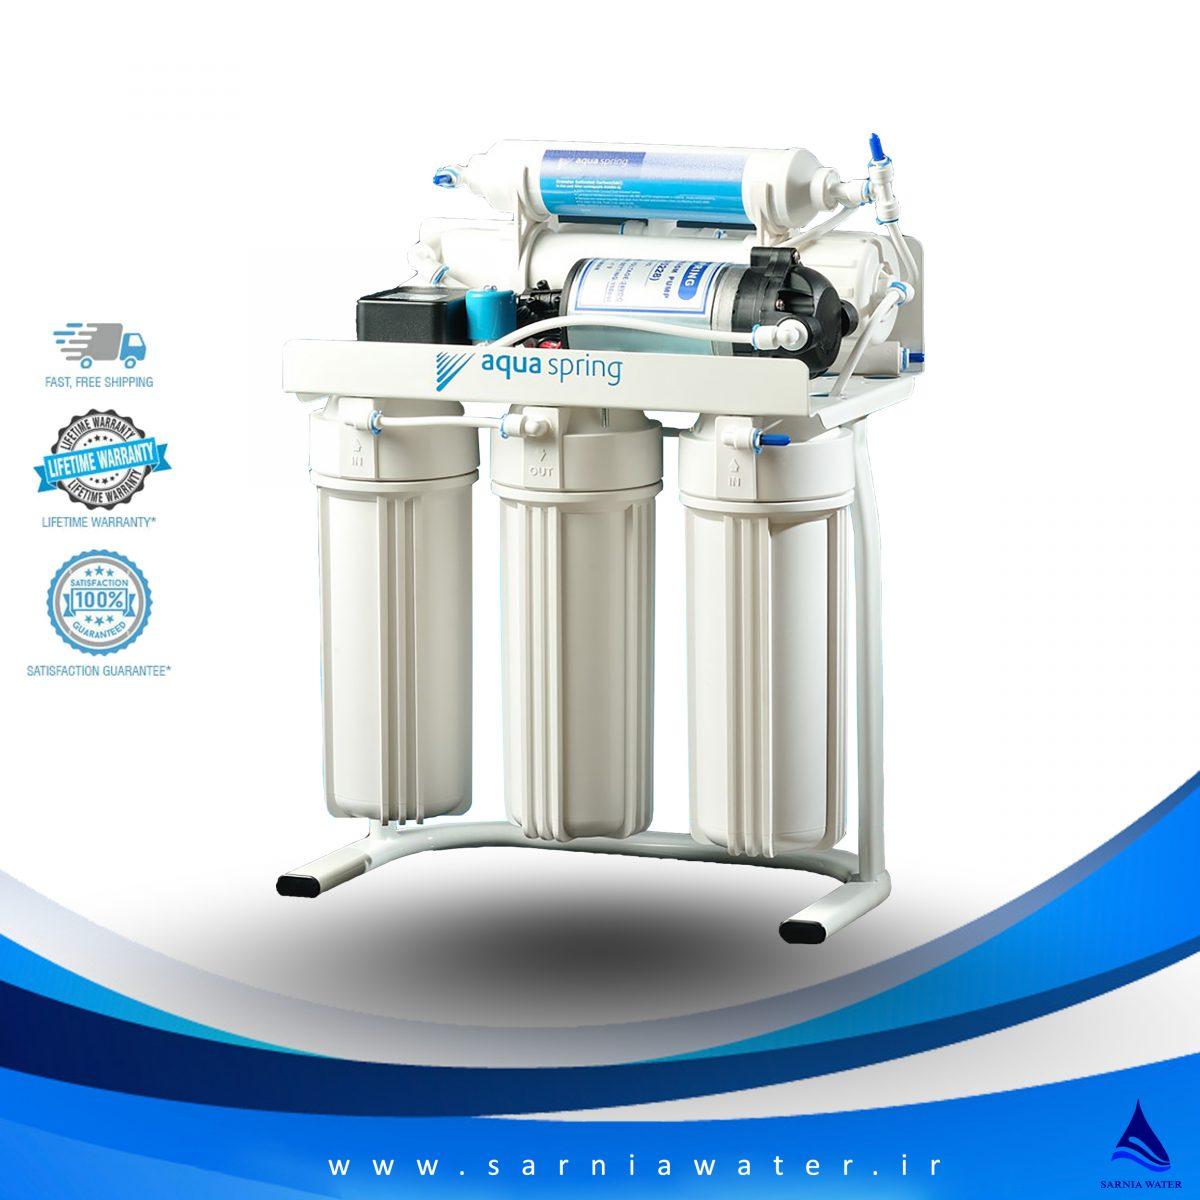 دستگاه تصفیه آب آکوا اسپرینگ - دستگاه تصفیه آب خانگی - دستگاه تصفیه آب